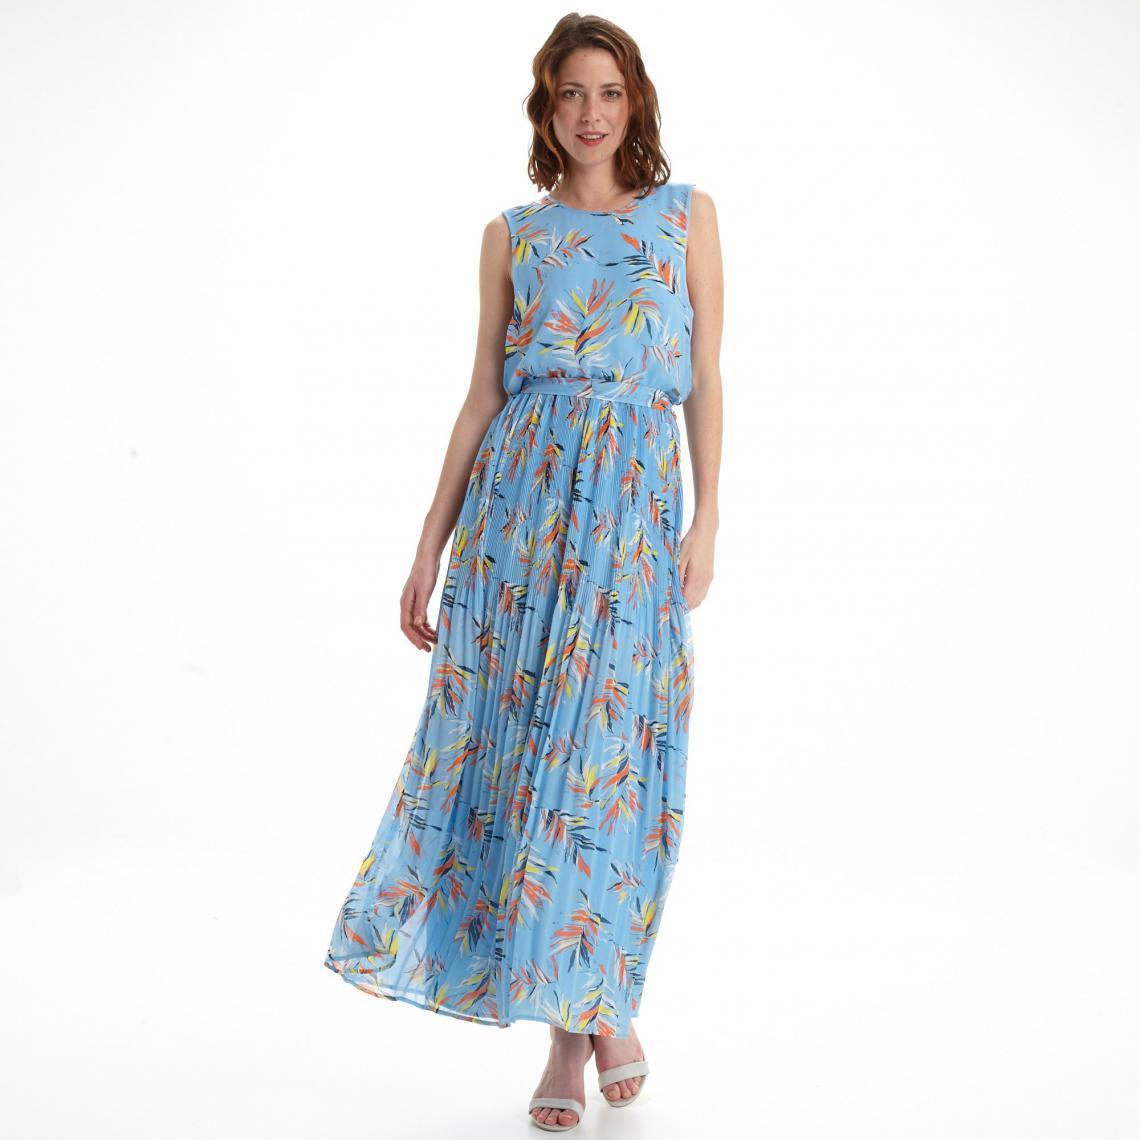 Robe Longue Imprime Feuillage Femme Pepe Jeans Bleu Ciel 3 Suisses